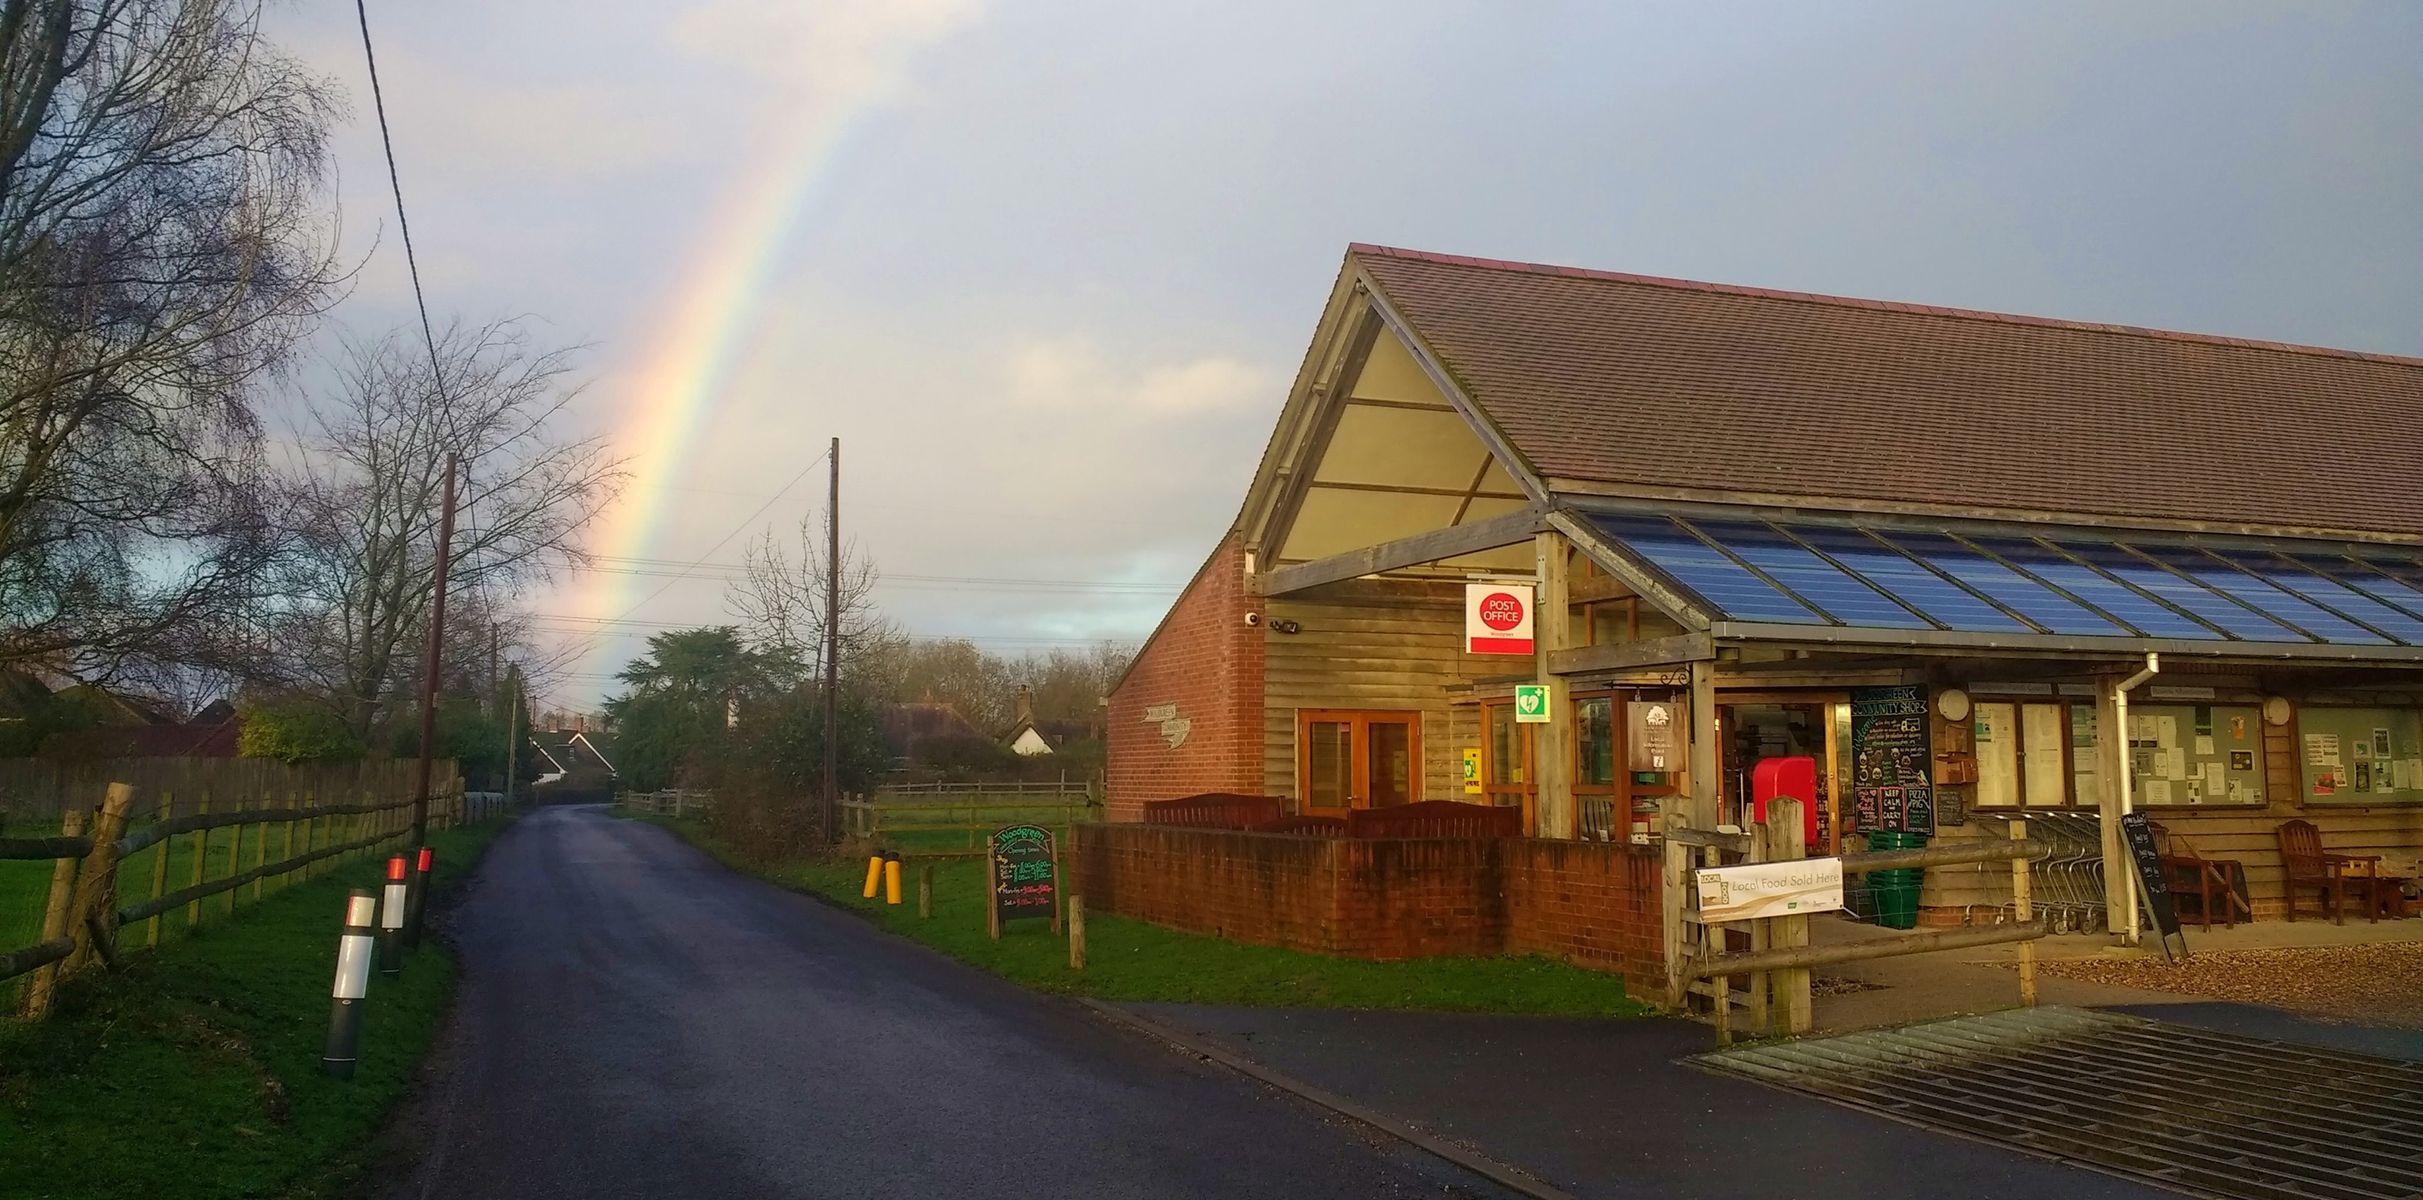 Woodgreen Community Shop